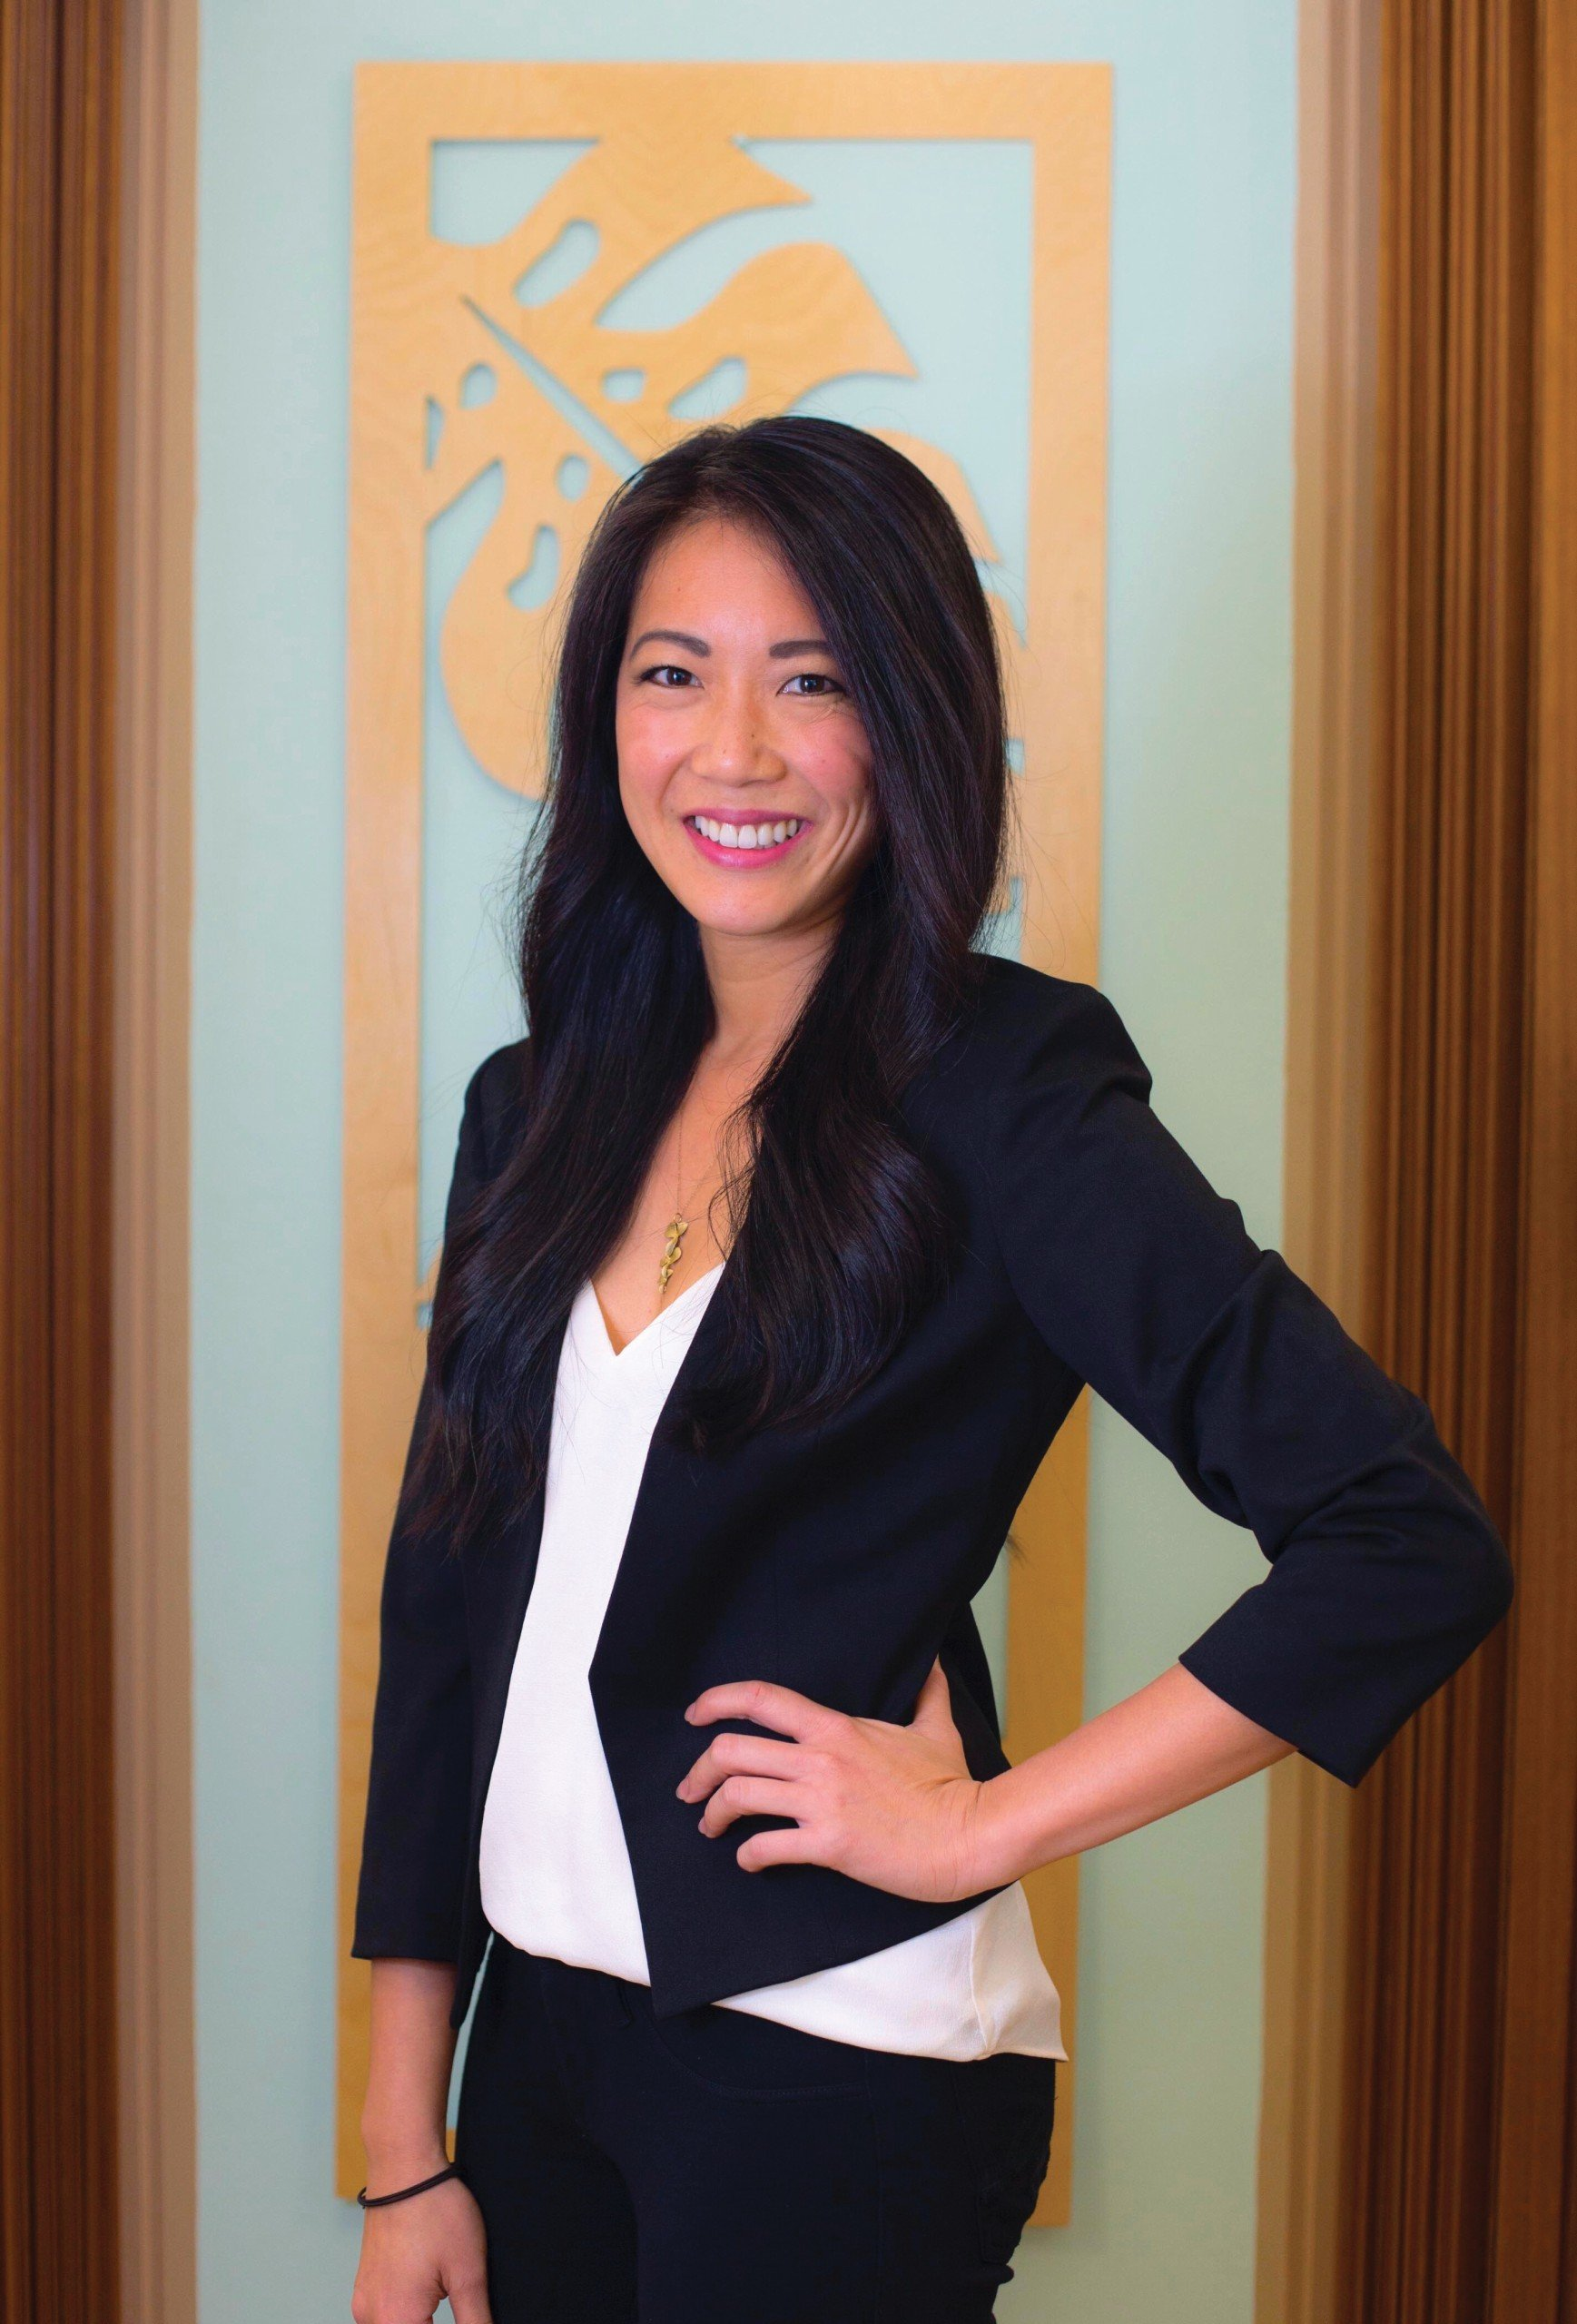 Keri Anne J. Wong, D.D.S.